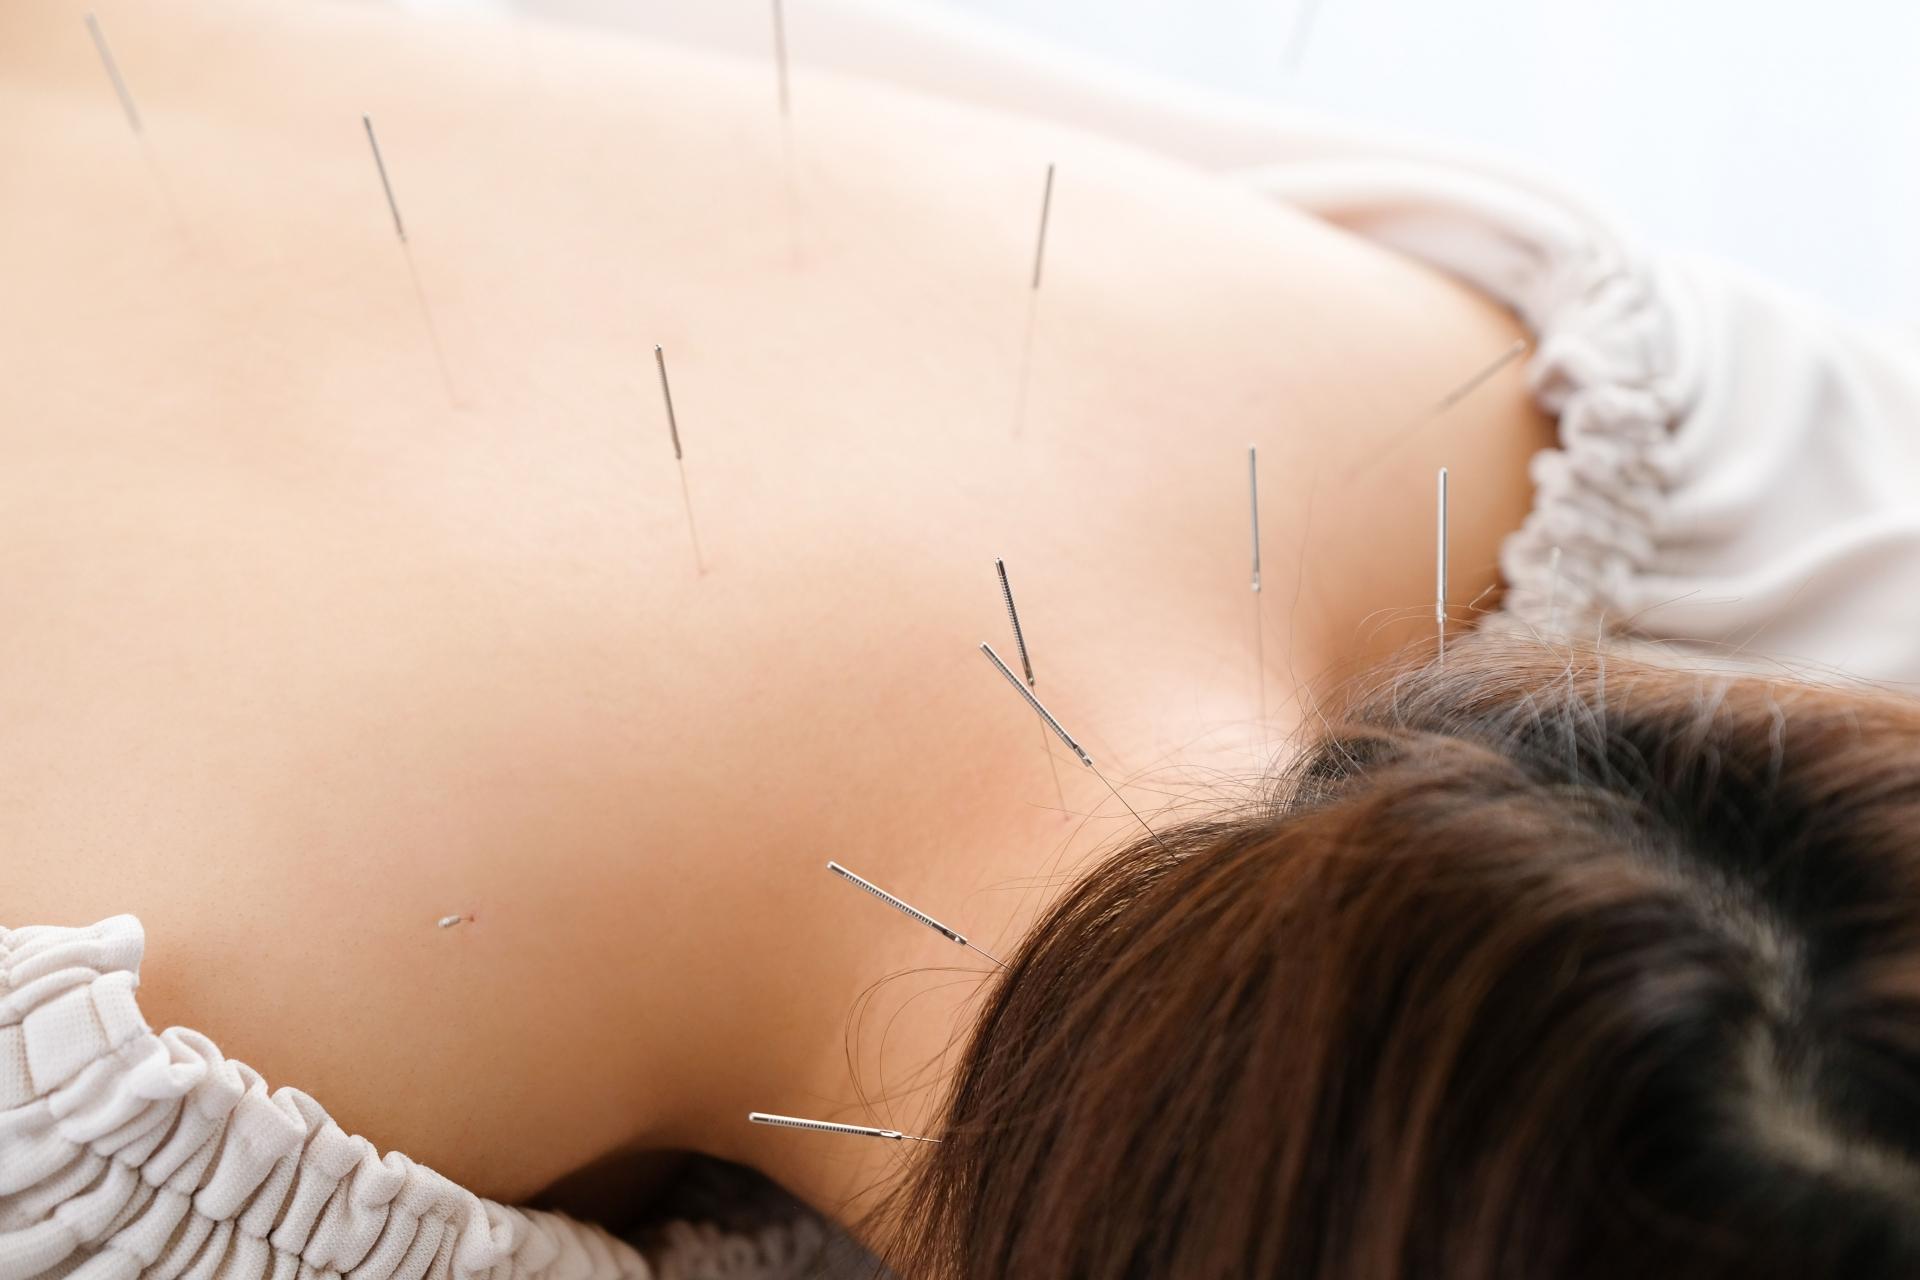 さいたま市で肩こり腰痛におすすめの鍼灸治療院5選【口コミで評判】